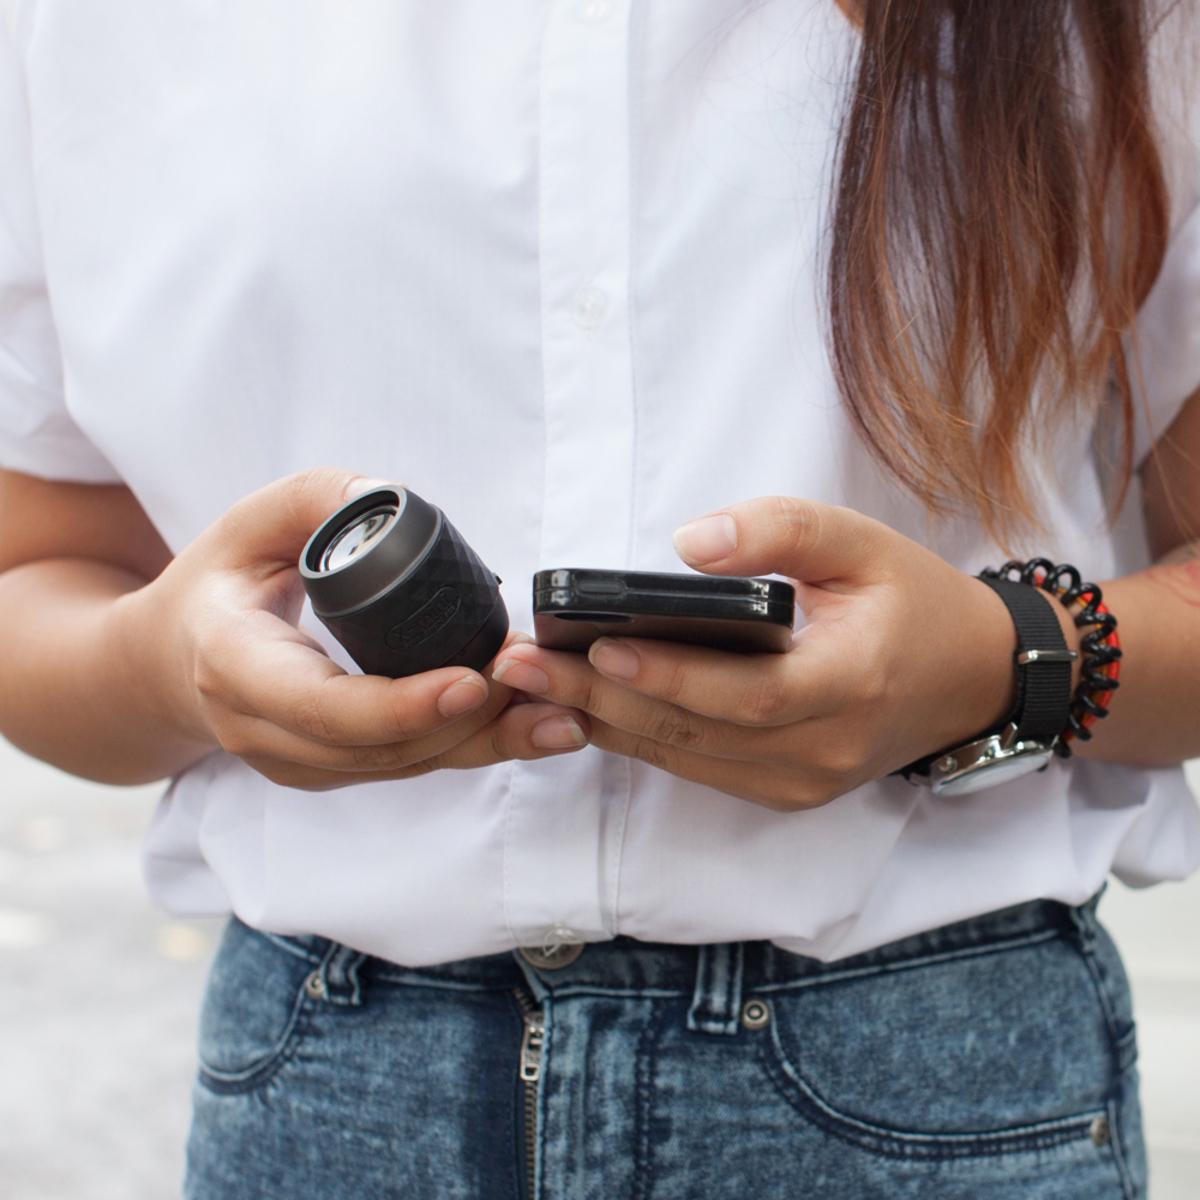 親指サイズの『パワフルスピーカー』|小さくて可愛いのに超実力派 無線スピーカー 待望の最新Bluetooth 対応ウルトラスピーカー X-mini™ WE Gunmetal Black / Bluetooth Ver